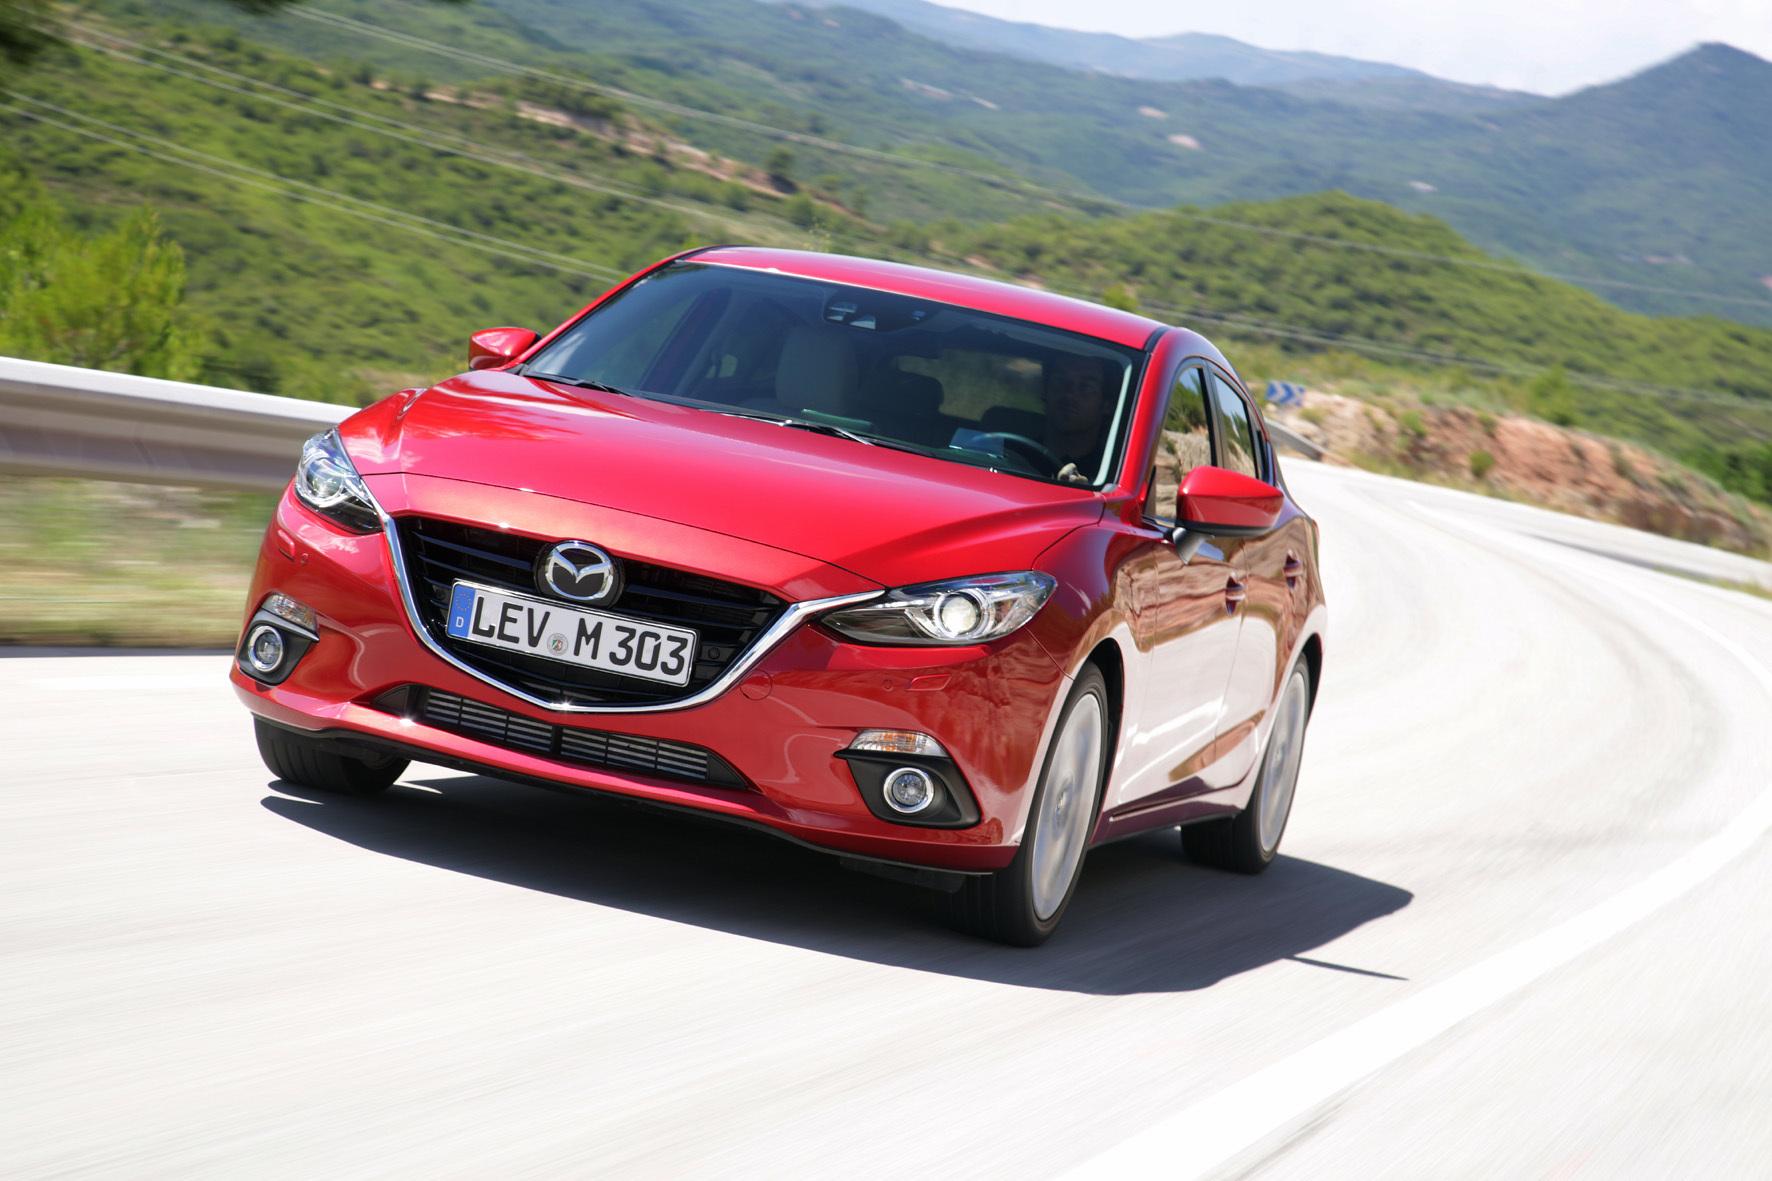 mid Düsseldorf - Der Mazda3 sticht mit seiner Formensprache aus der Menge der Kompakt-Modelle heraus.